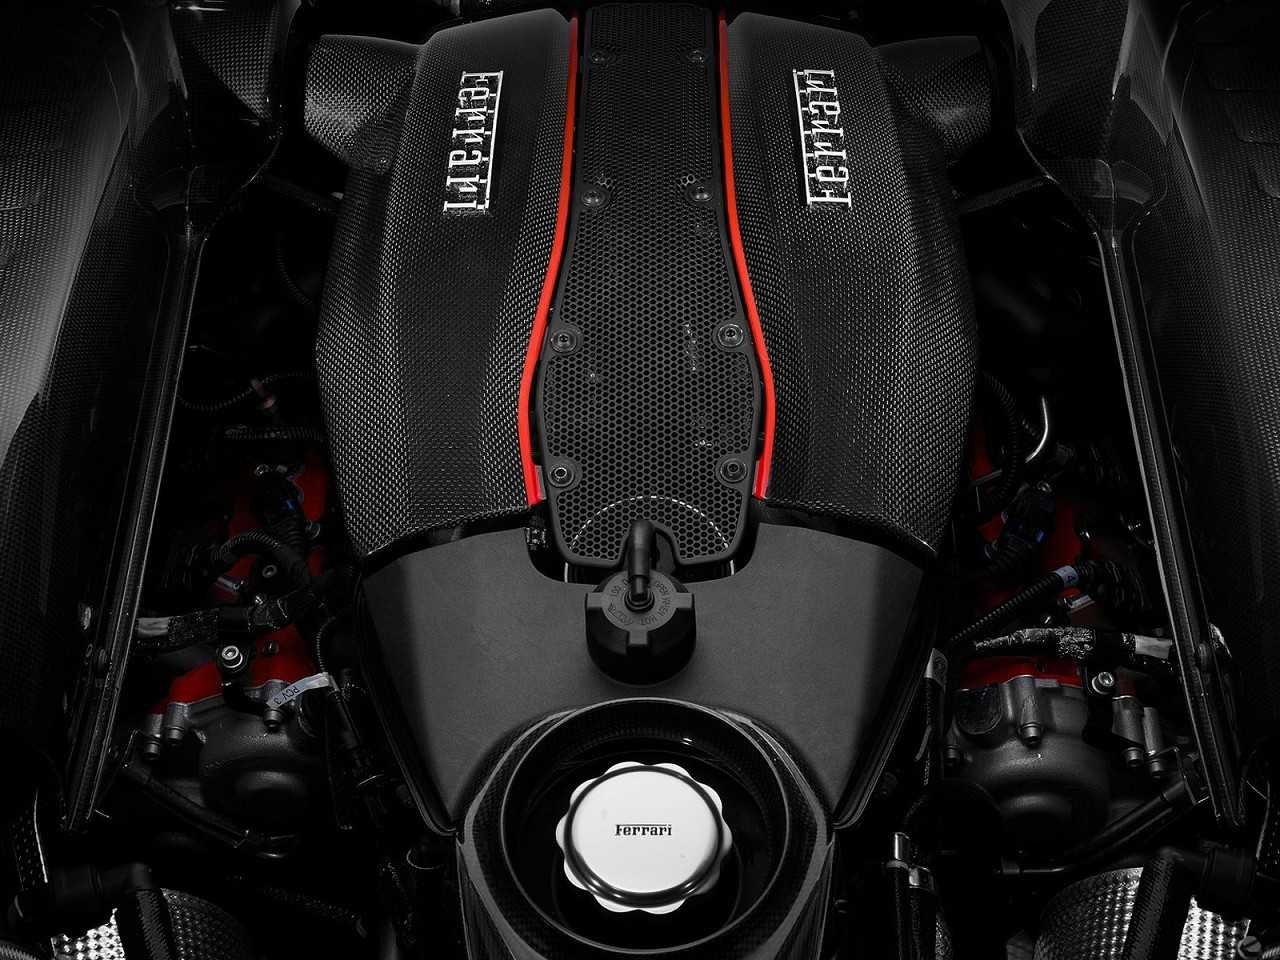 Motor 3.9 V8 biturbo da Ferrari, eleito o melhor do mundo em 2018